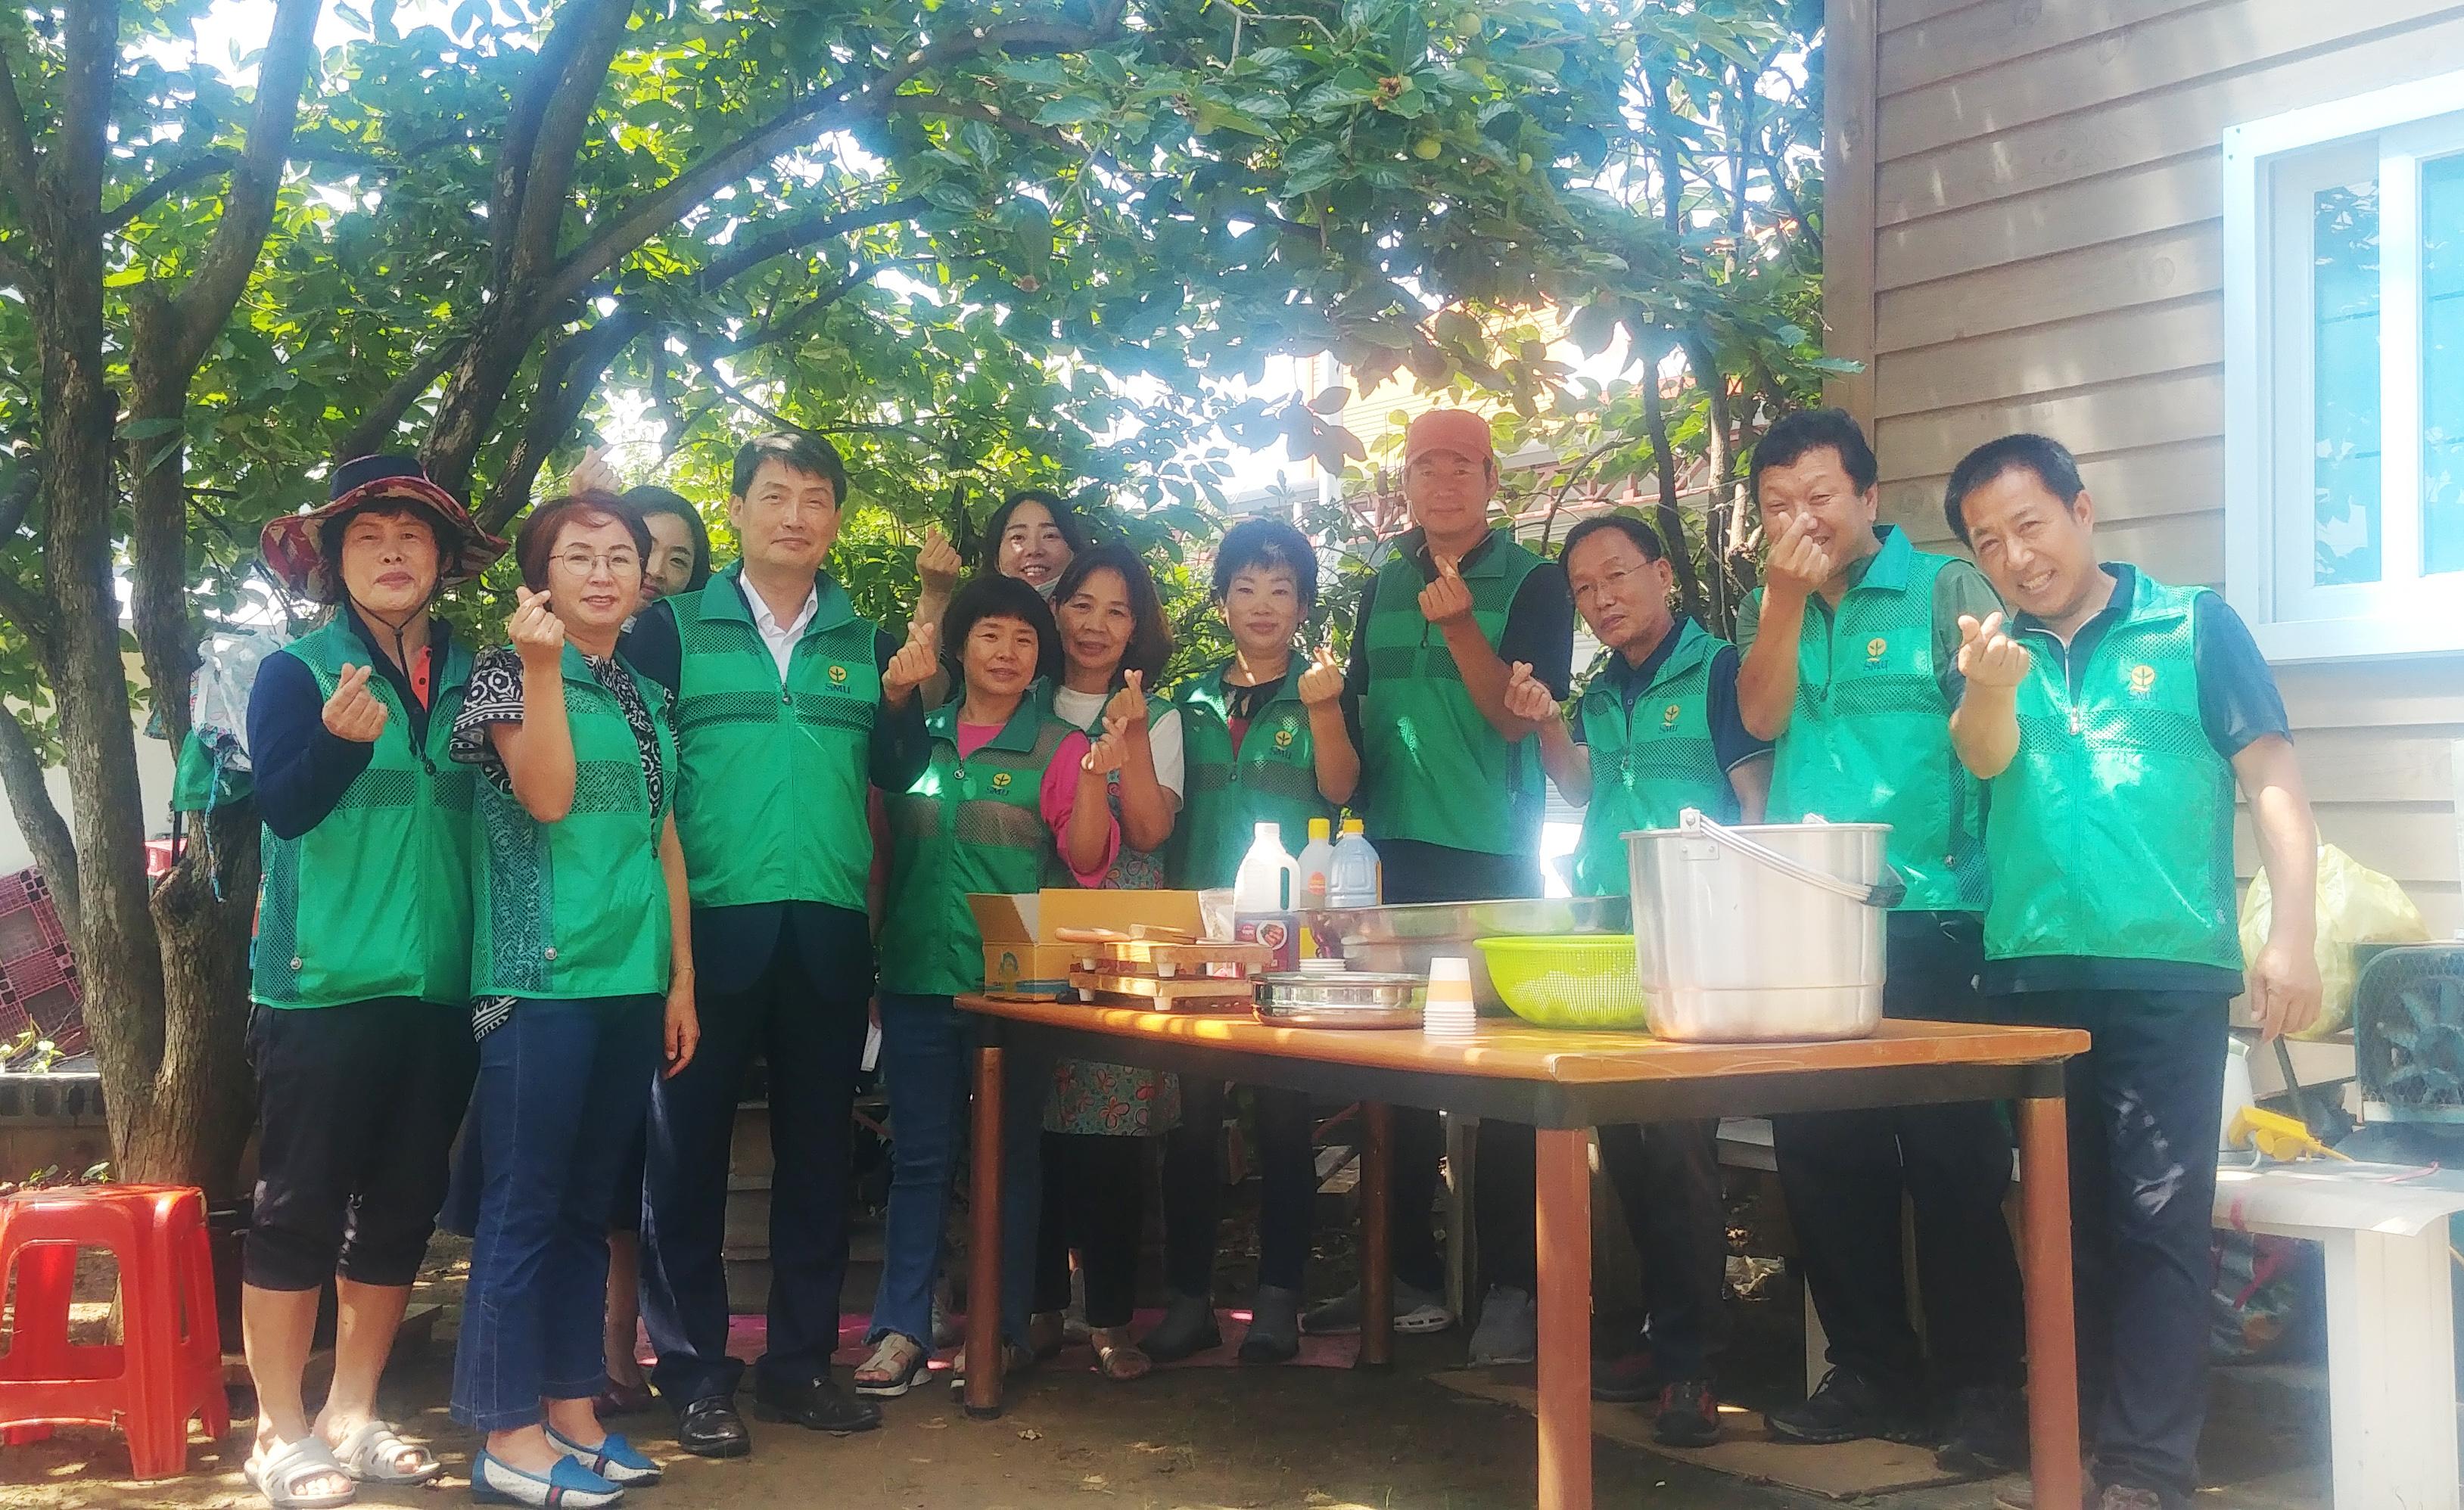 임오동 새마을남·여지도자협의회, 사랑의 반찬나눔 봉사활동 실시